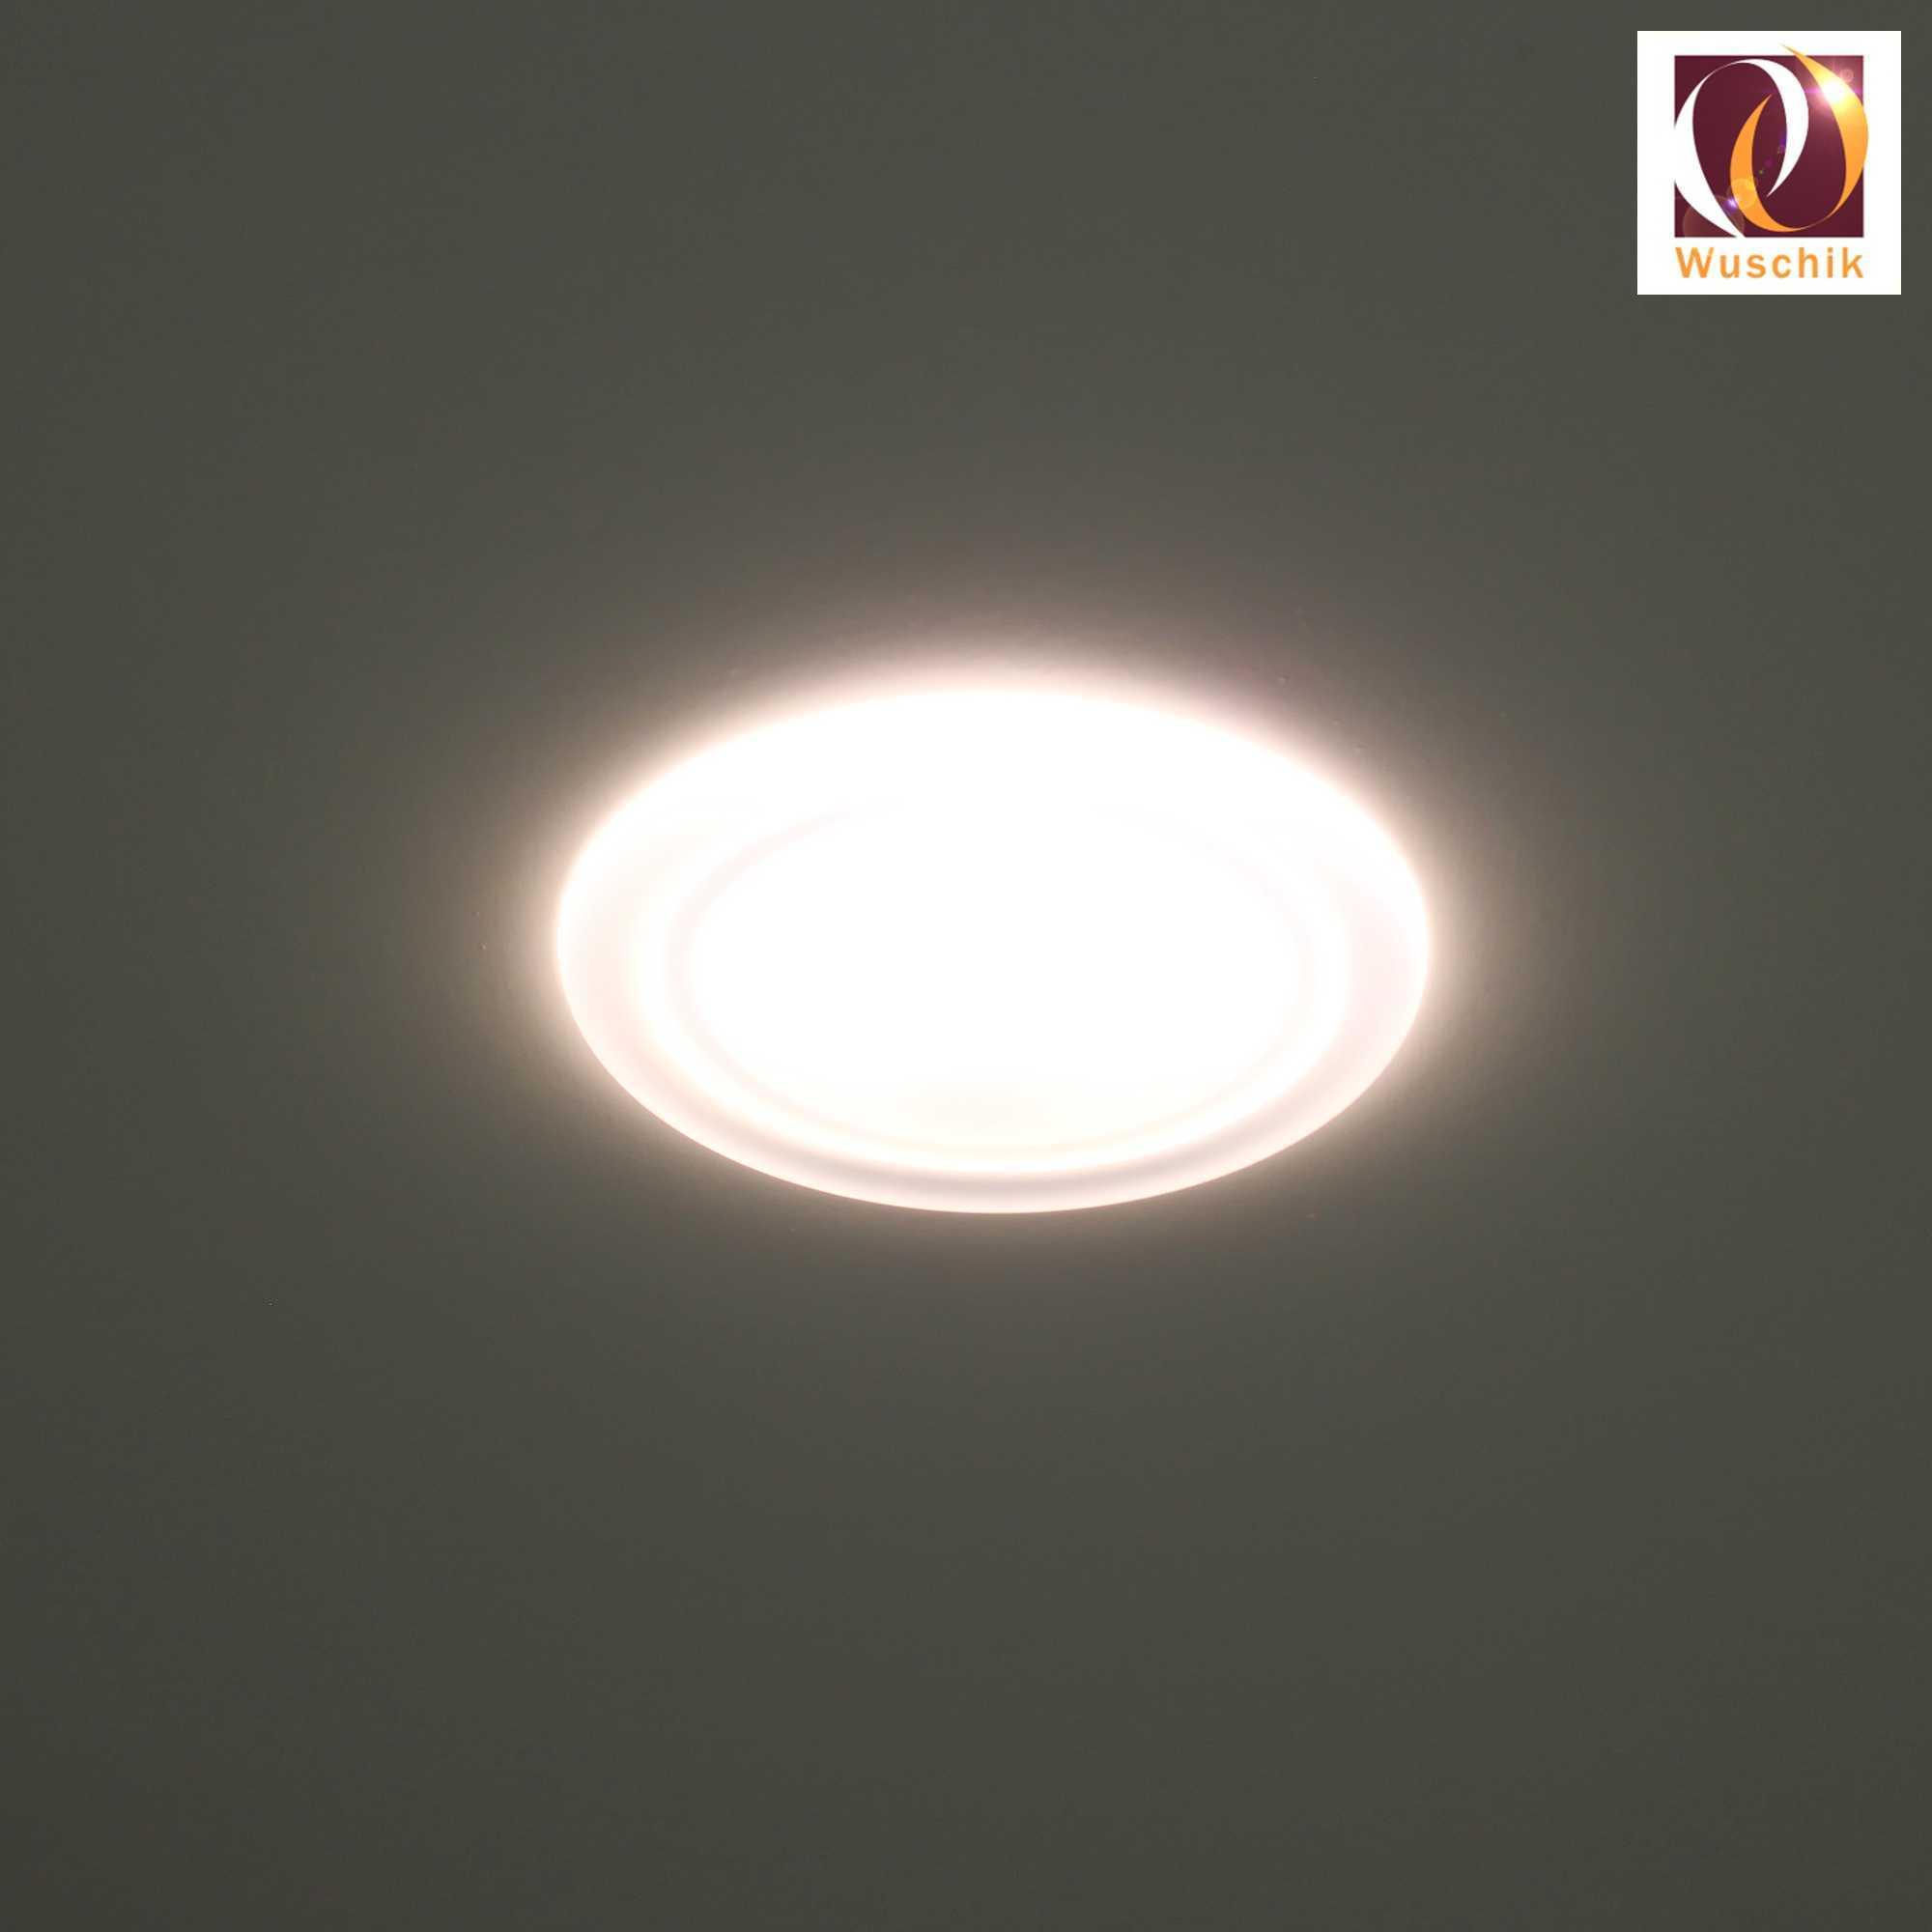 Duschlampe deckenlampe wasserfest 100mm wei licht led for Deckenlampe flach